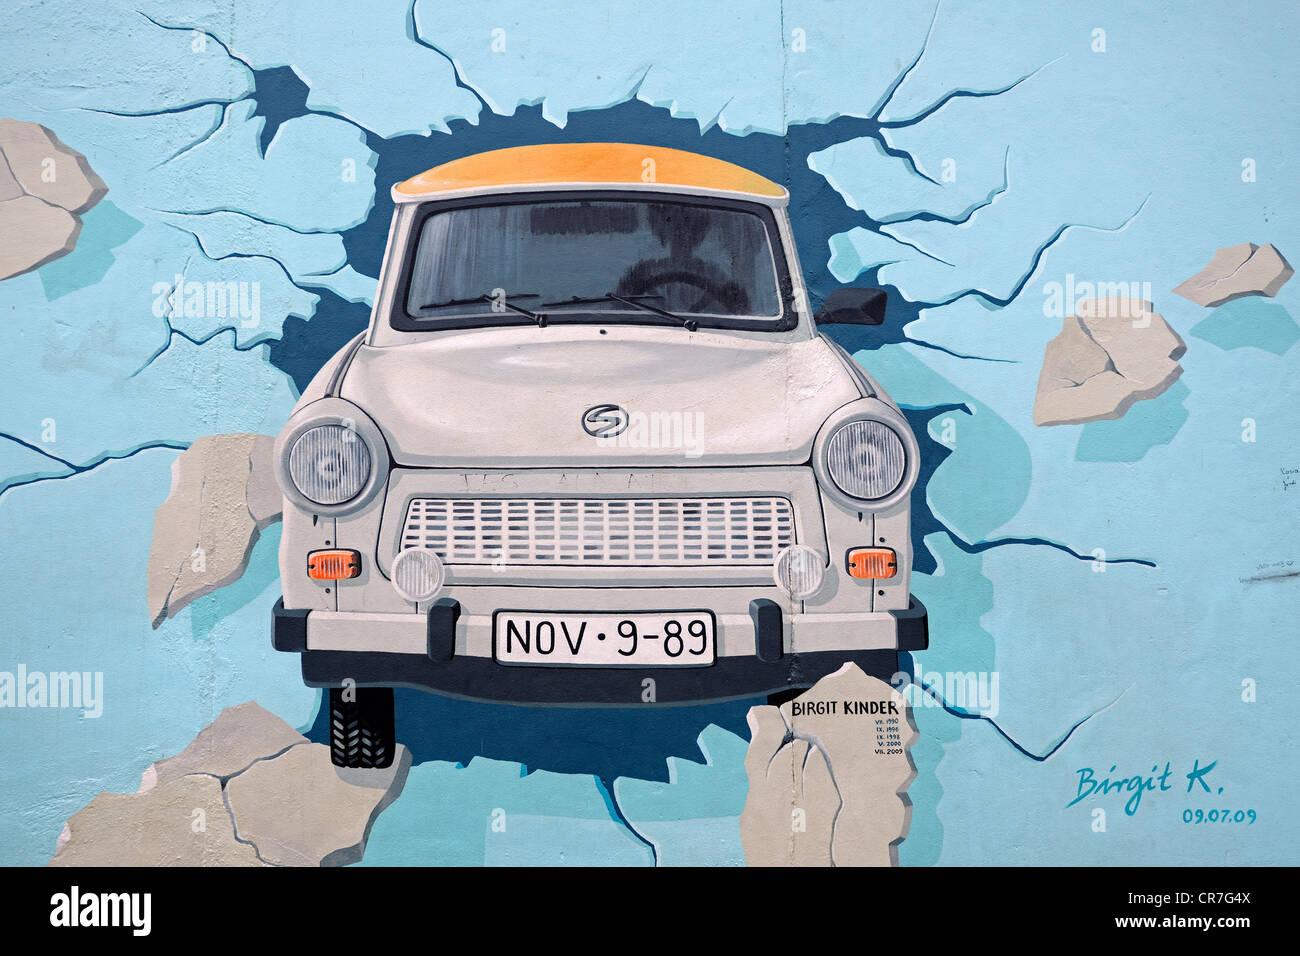 Tester le reste, Trabant briser le mur de Berlin, peinture murale par Birgit Kinder, mur de Berlin, East Side Gallery, Banque D'Images